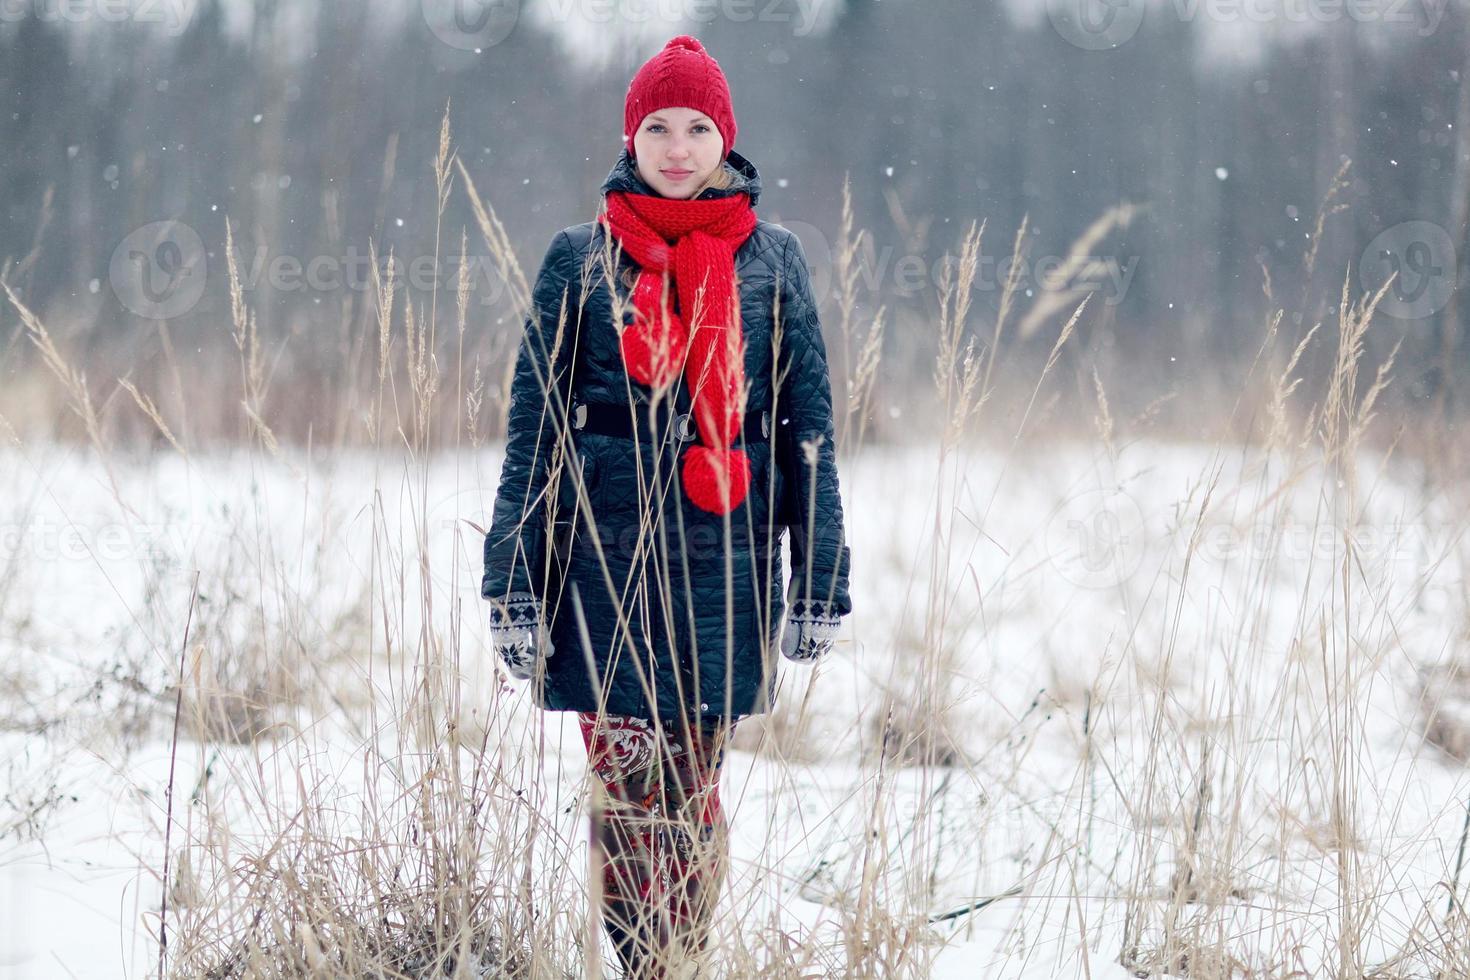 niña feliz invierno nieve corre foto